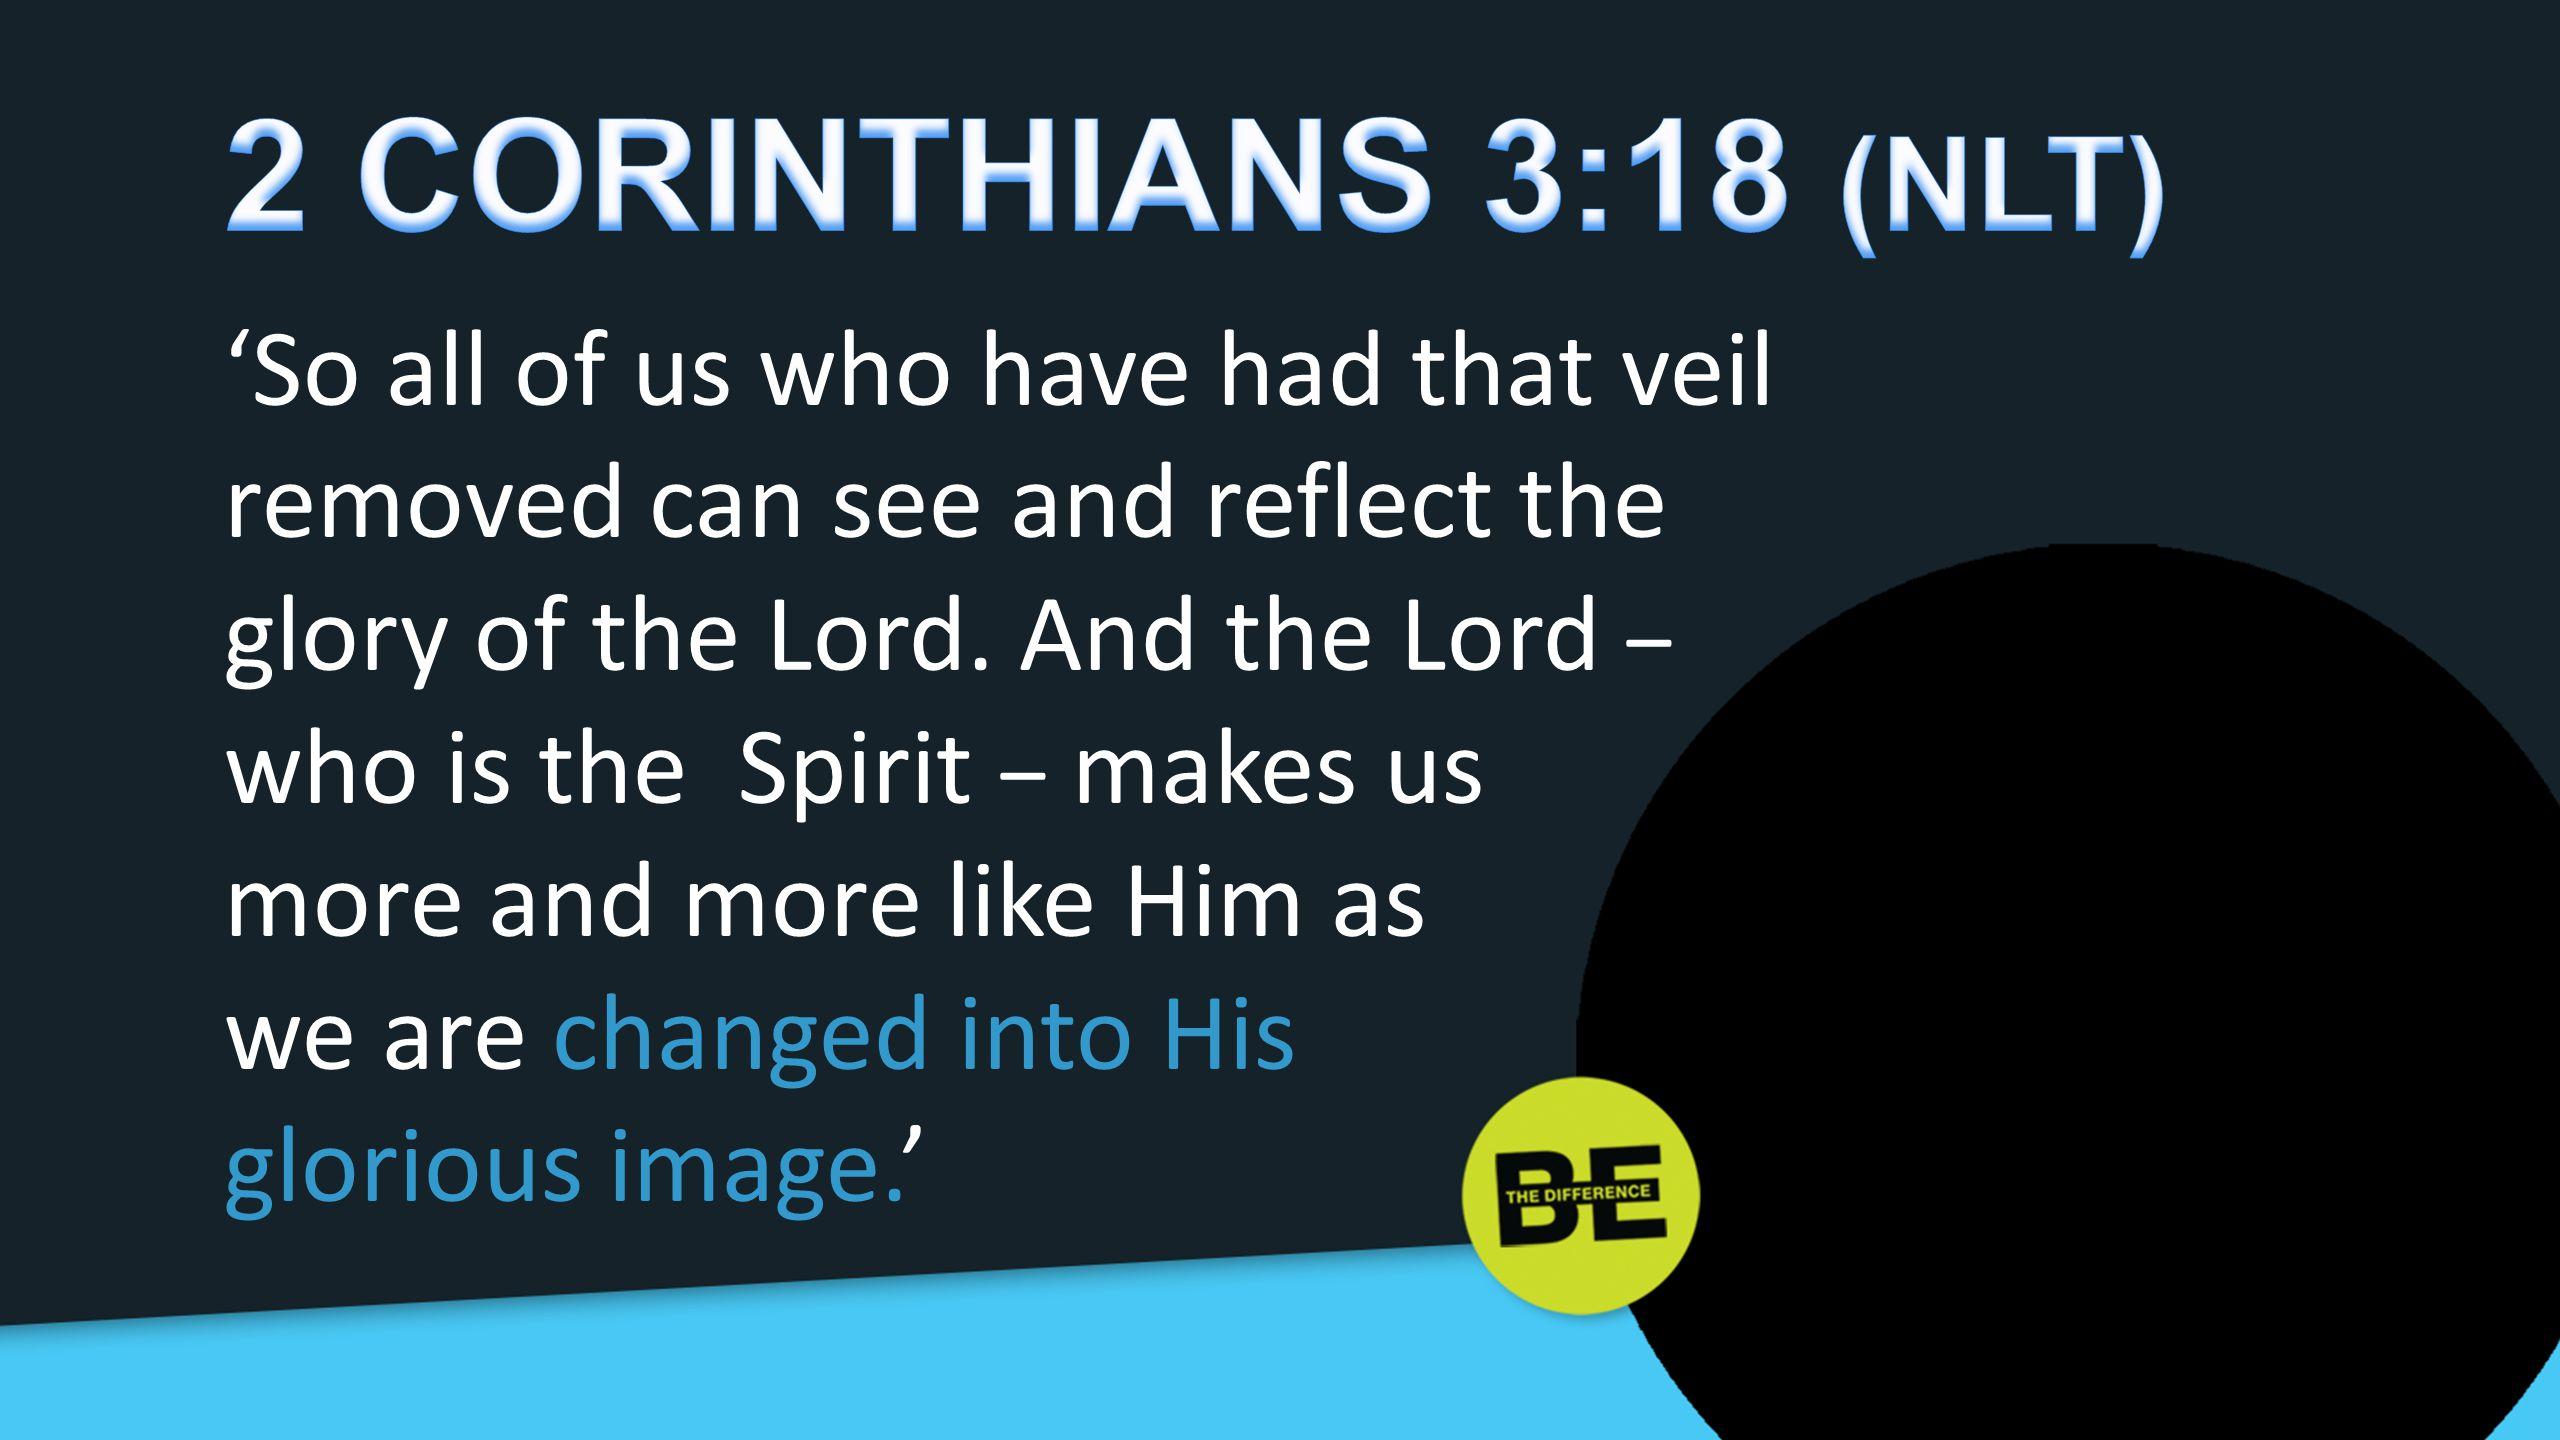 2 CORINTHIANS 3:18 (NLT)